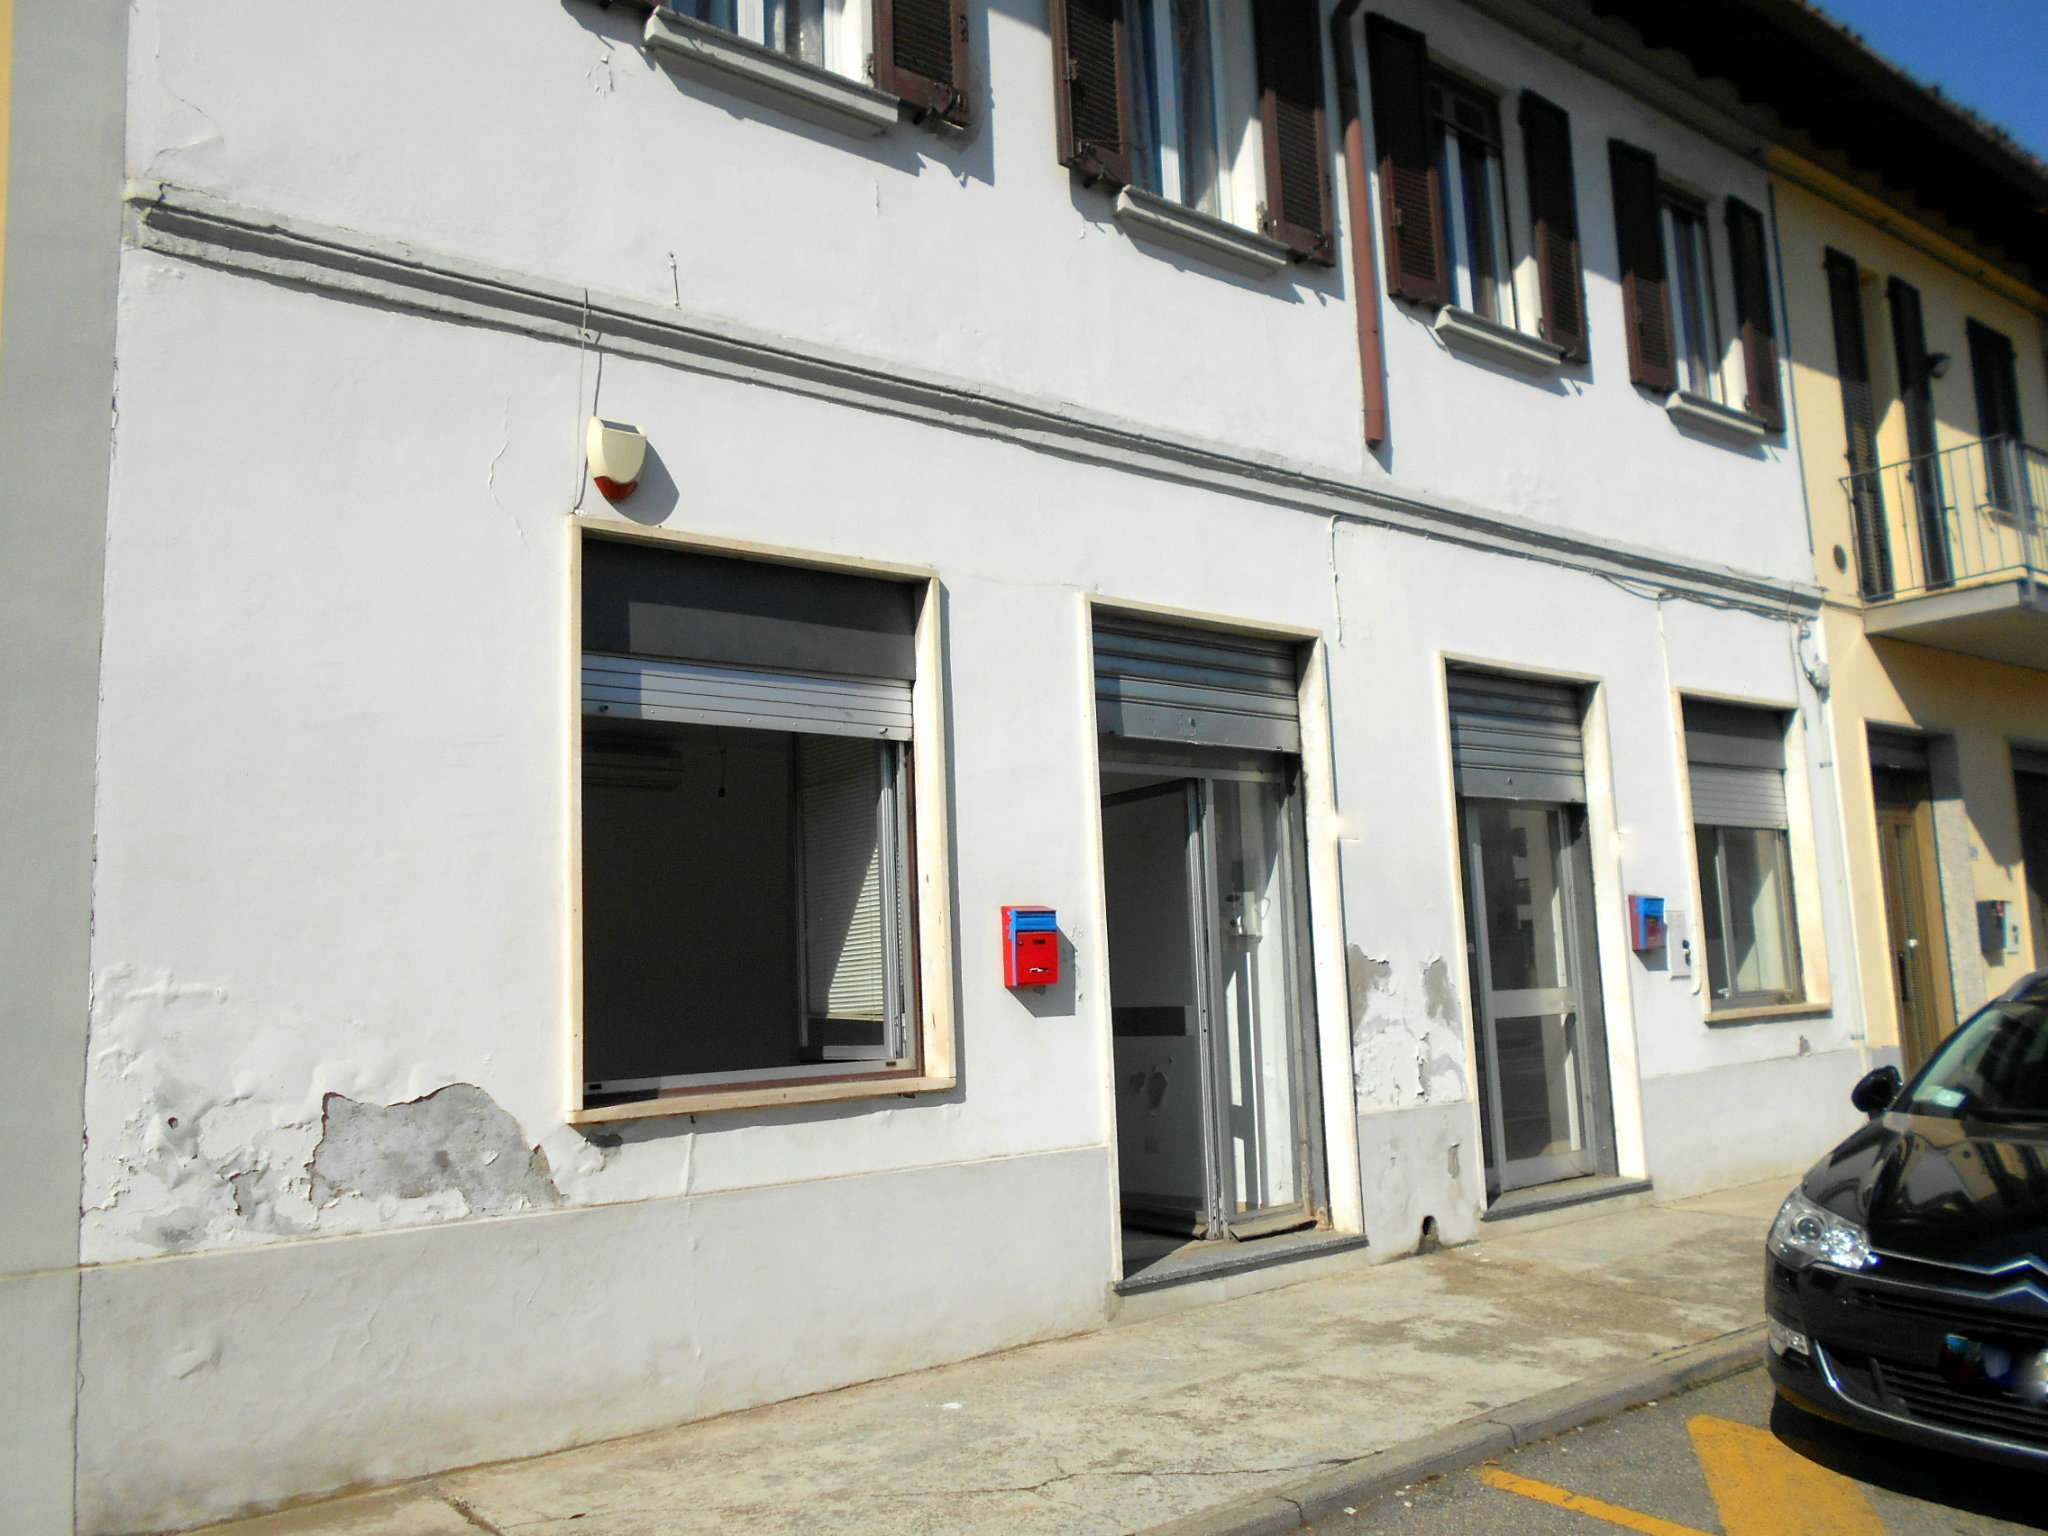 Ufficio / Studio in vendita a Lissone, 1 locali, prezzo € 50.000 | Cambio Casa.it